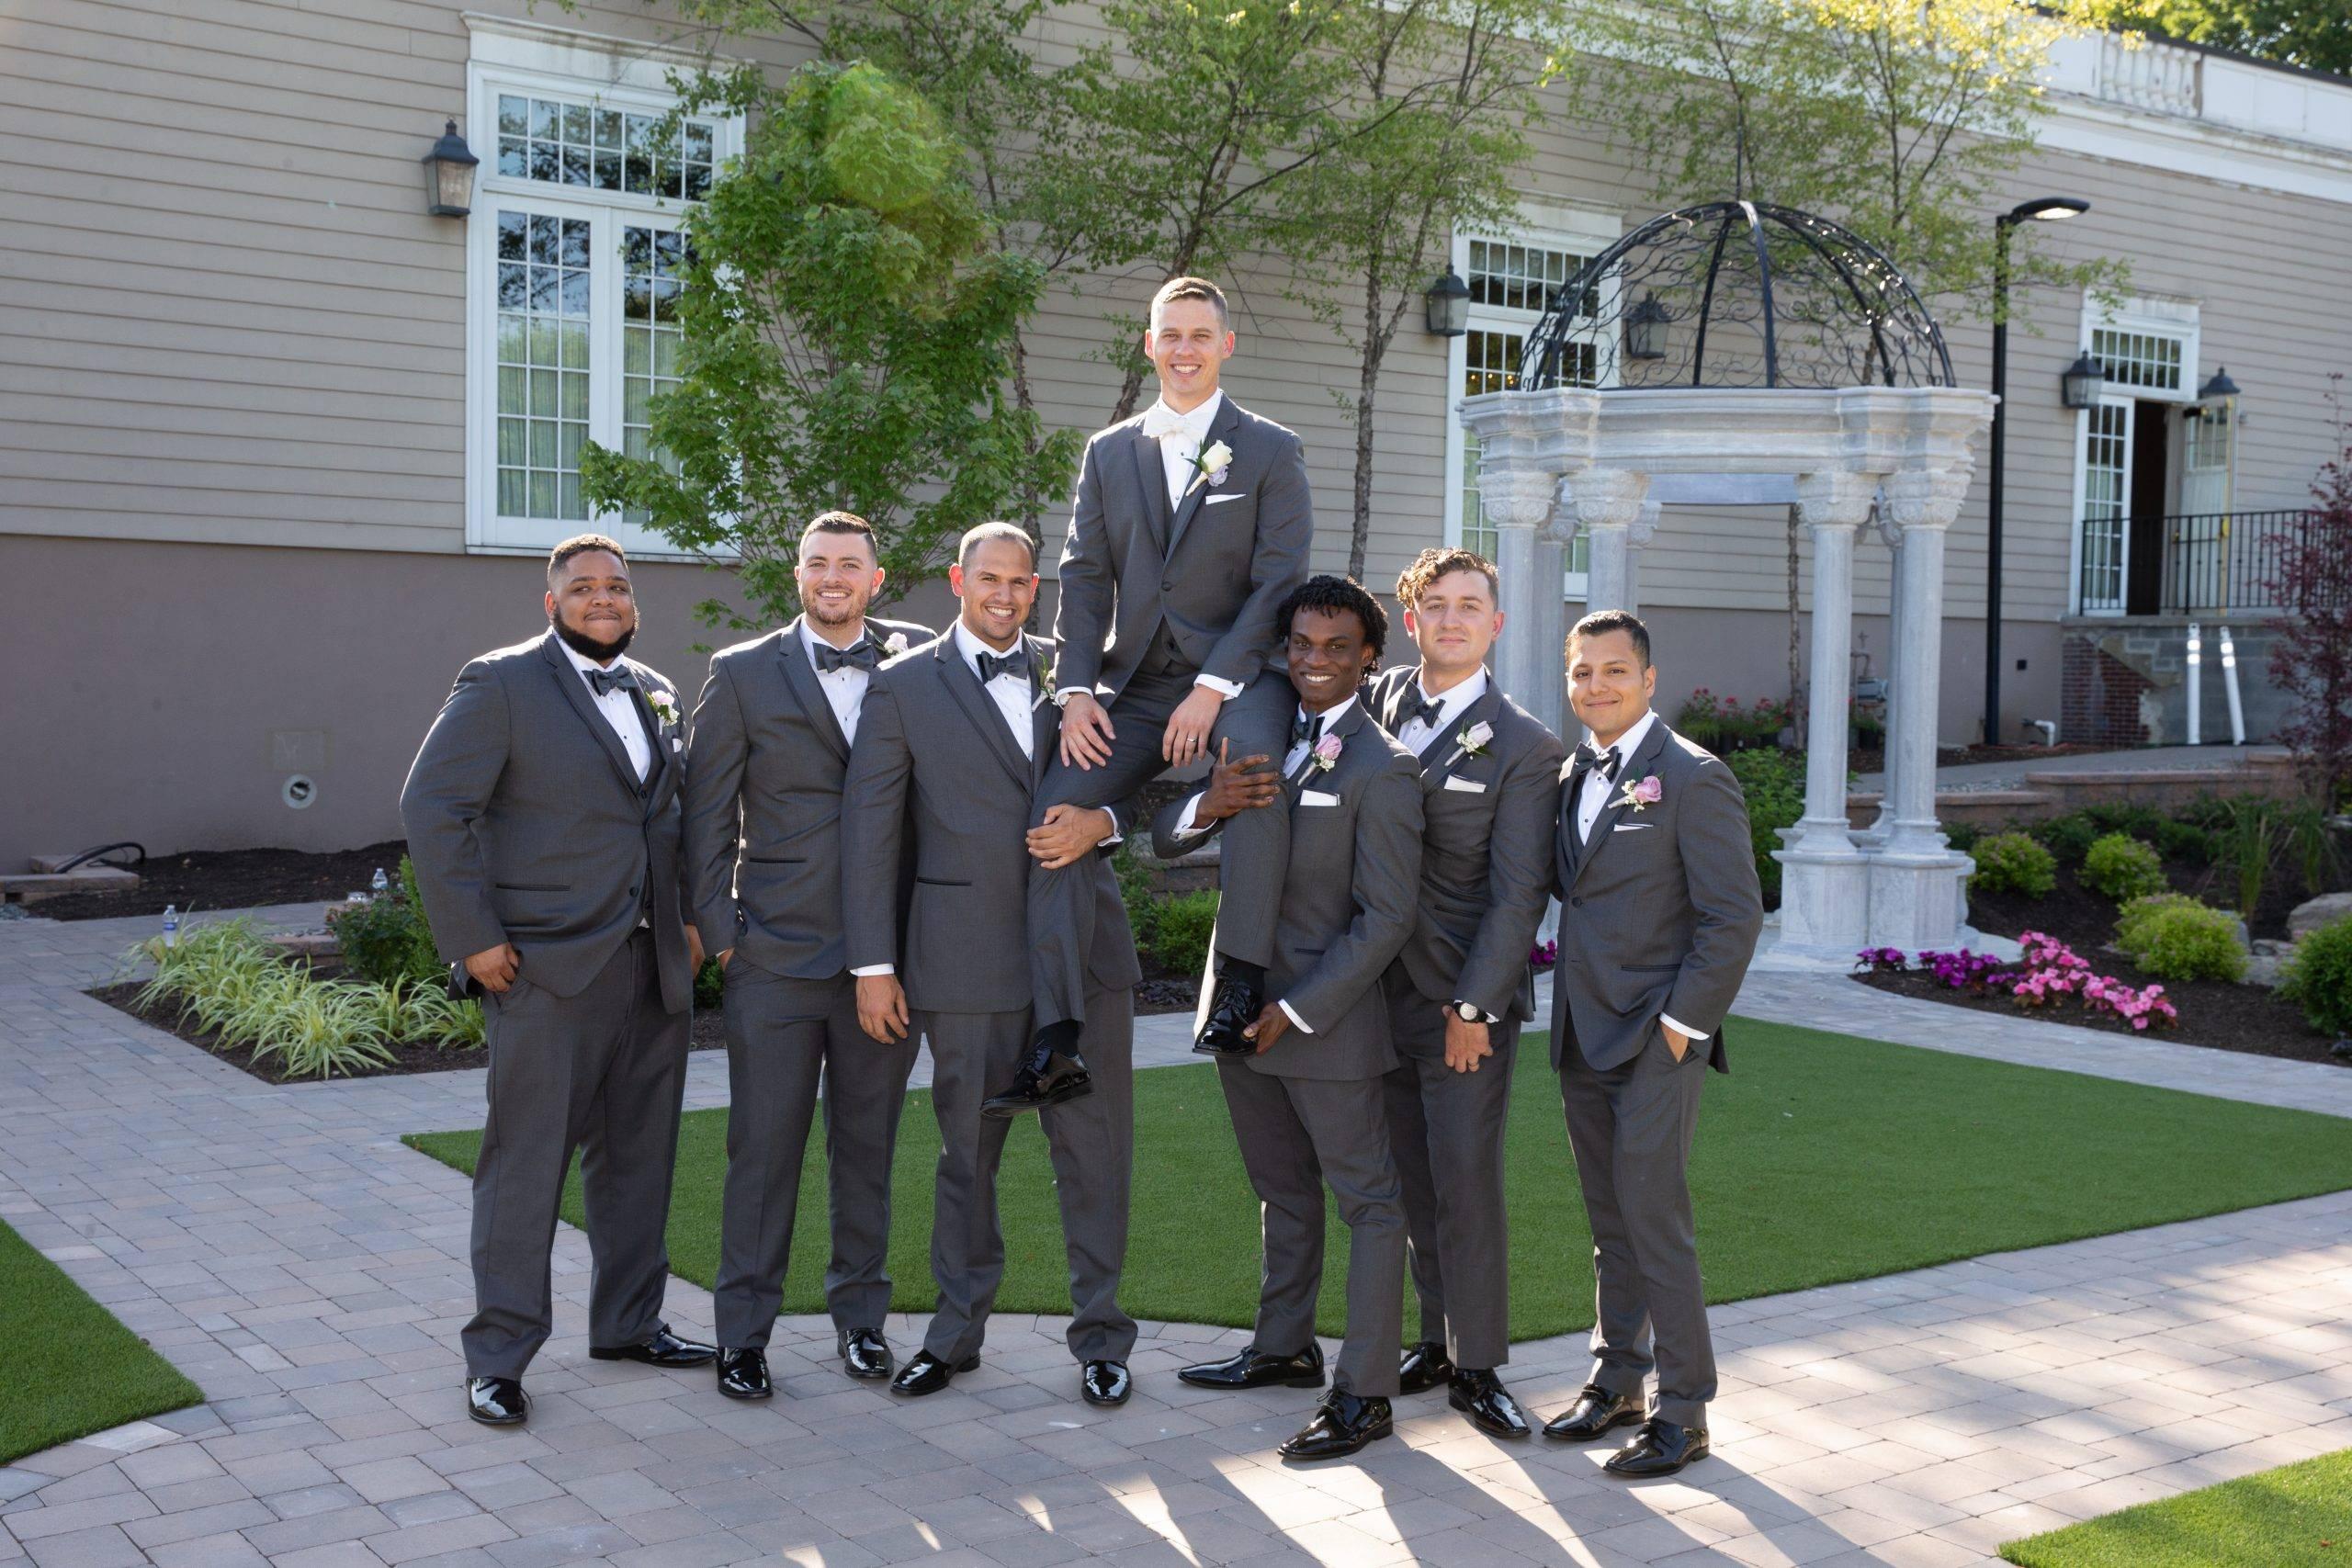 Meadow Wood groom and groomsmen